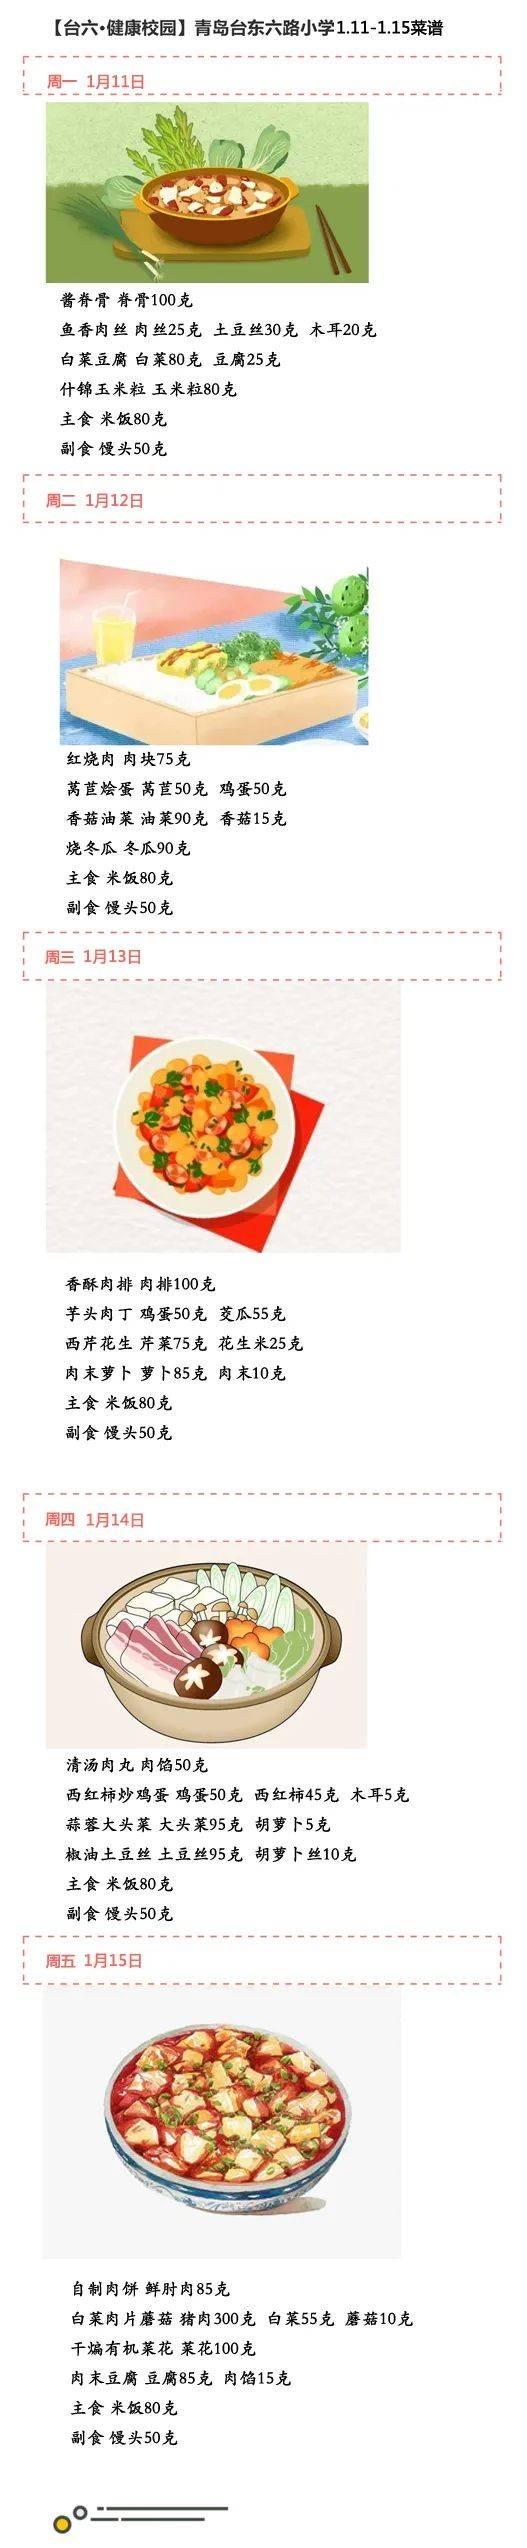 青岛台东六路小学师生午餐带量食谱(2020/1/11